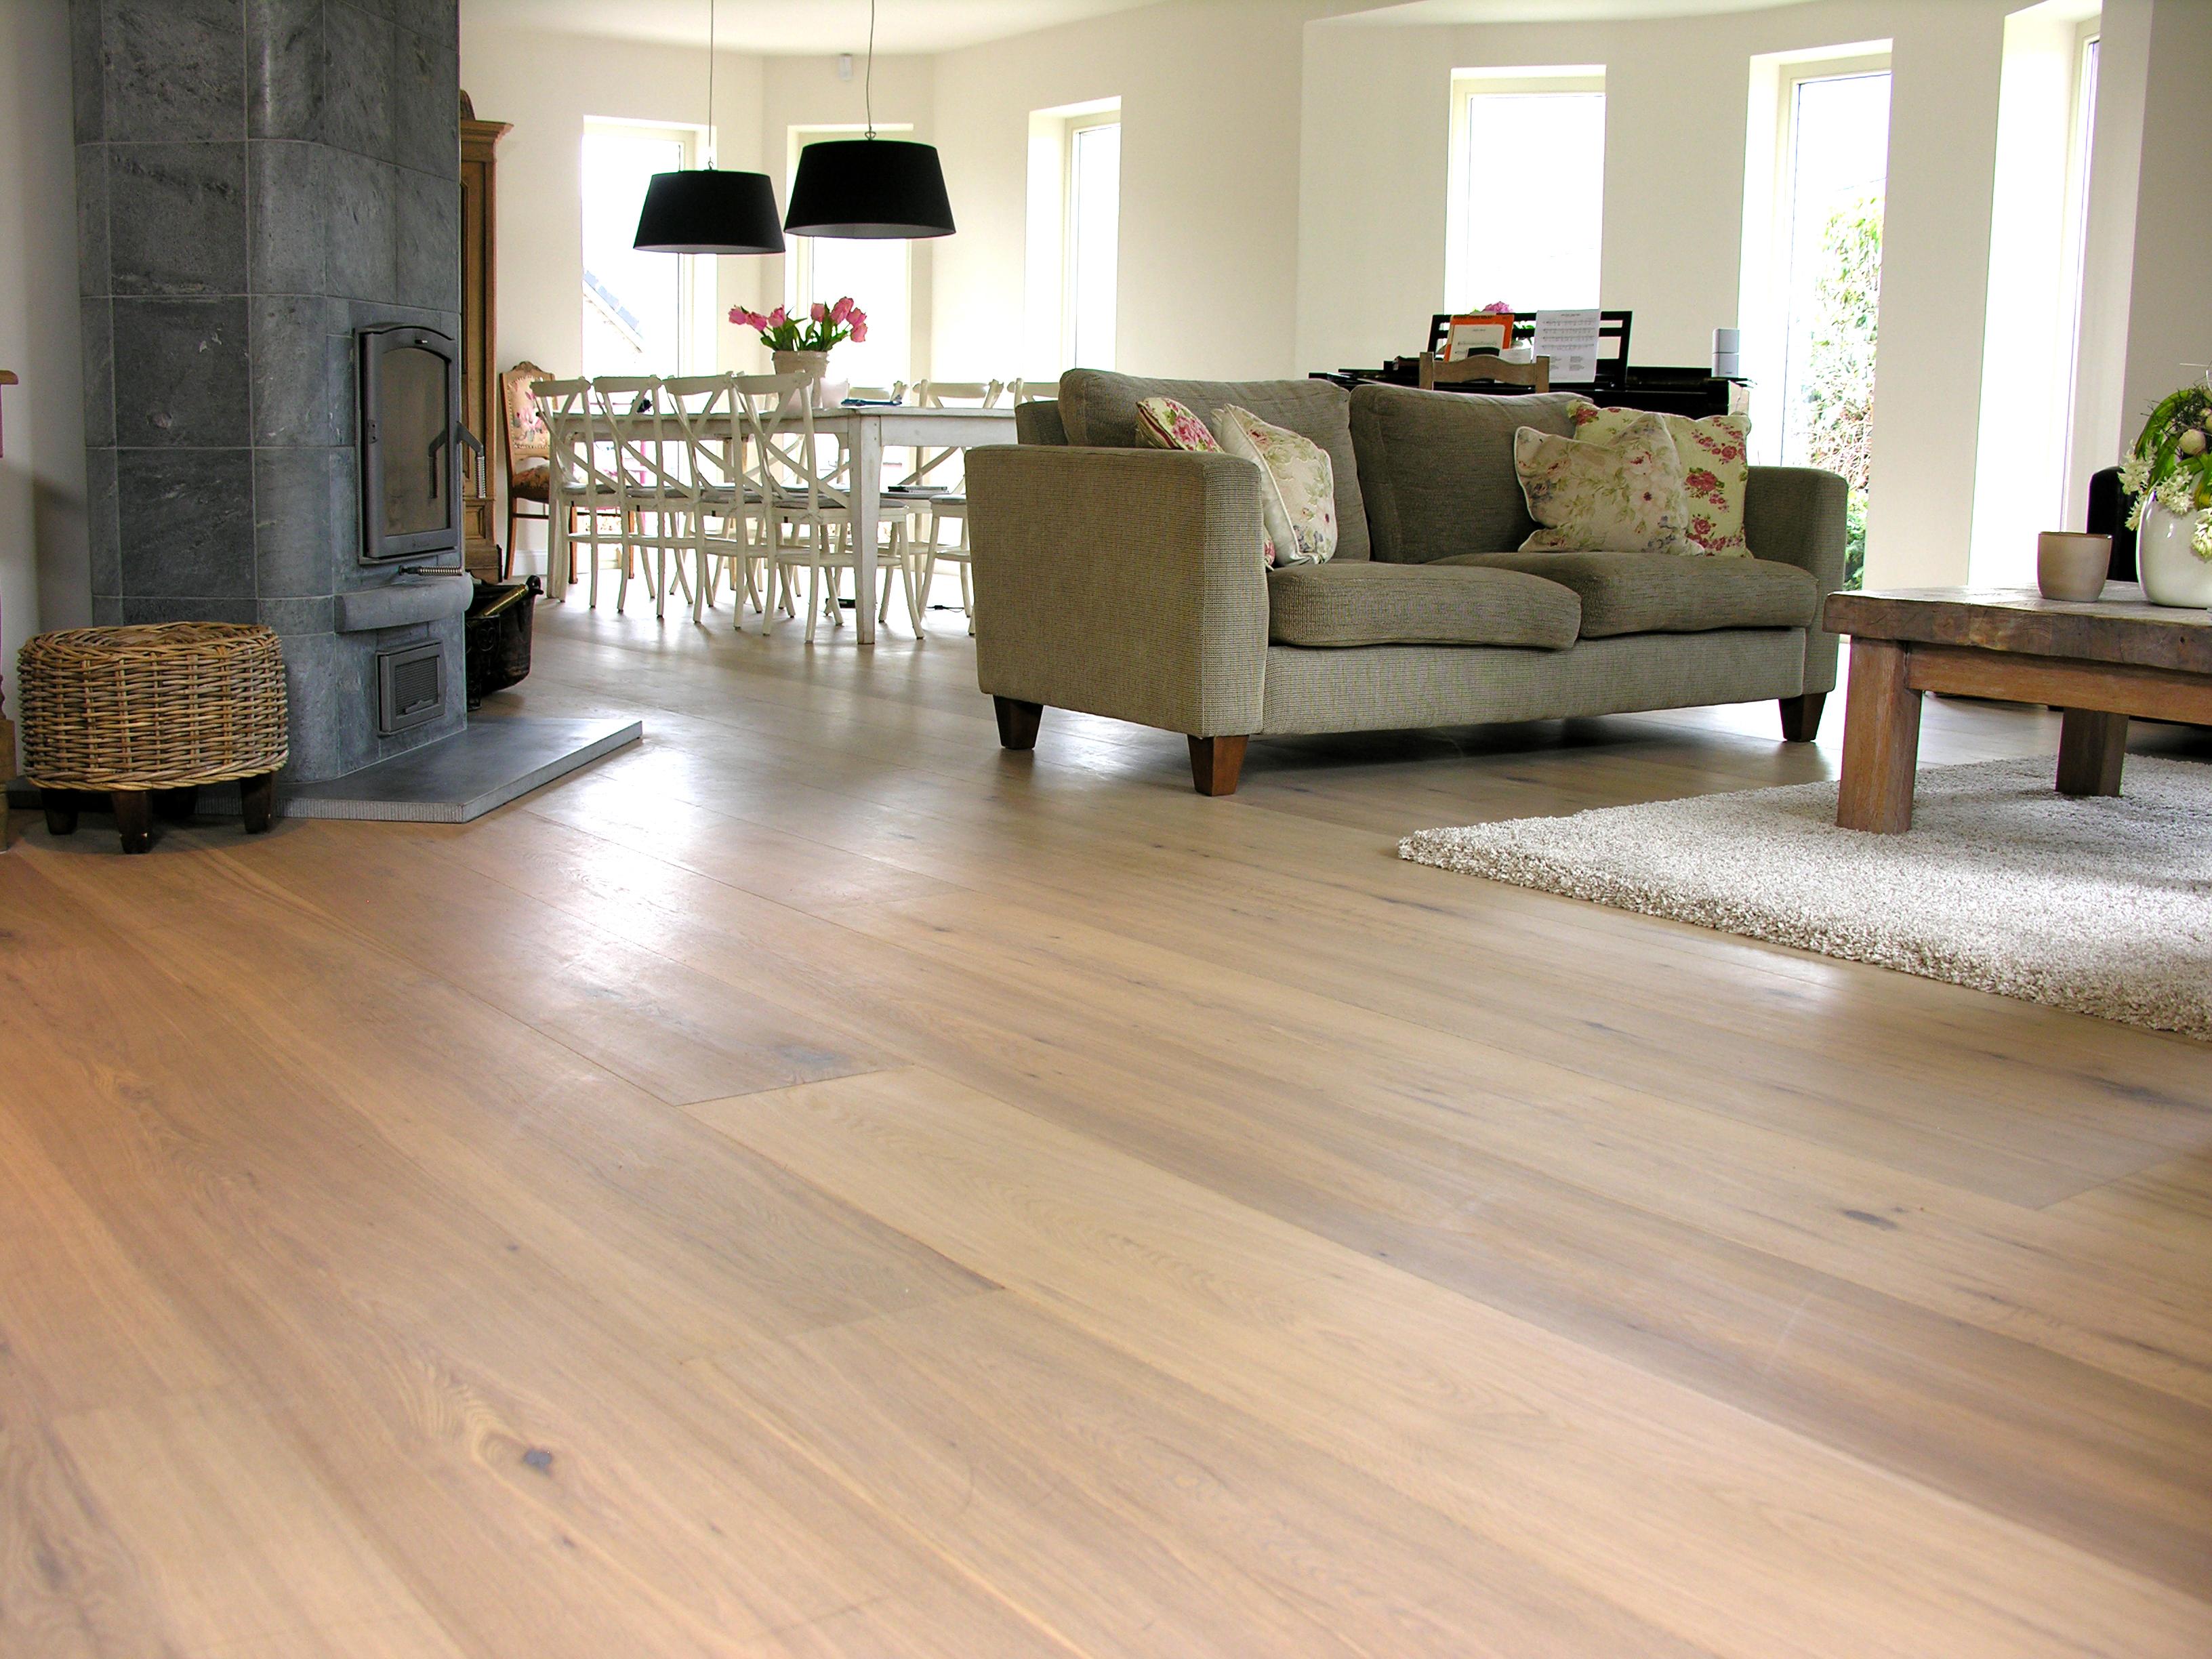 parkett scheublein grenzland werkst tten f r holzbearbeitung scheublein. Black Bedroom Furniture Sets. Home Design Ideas